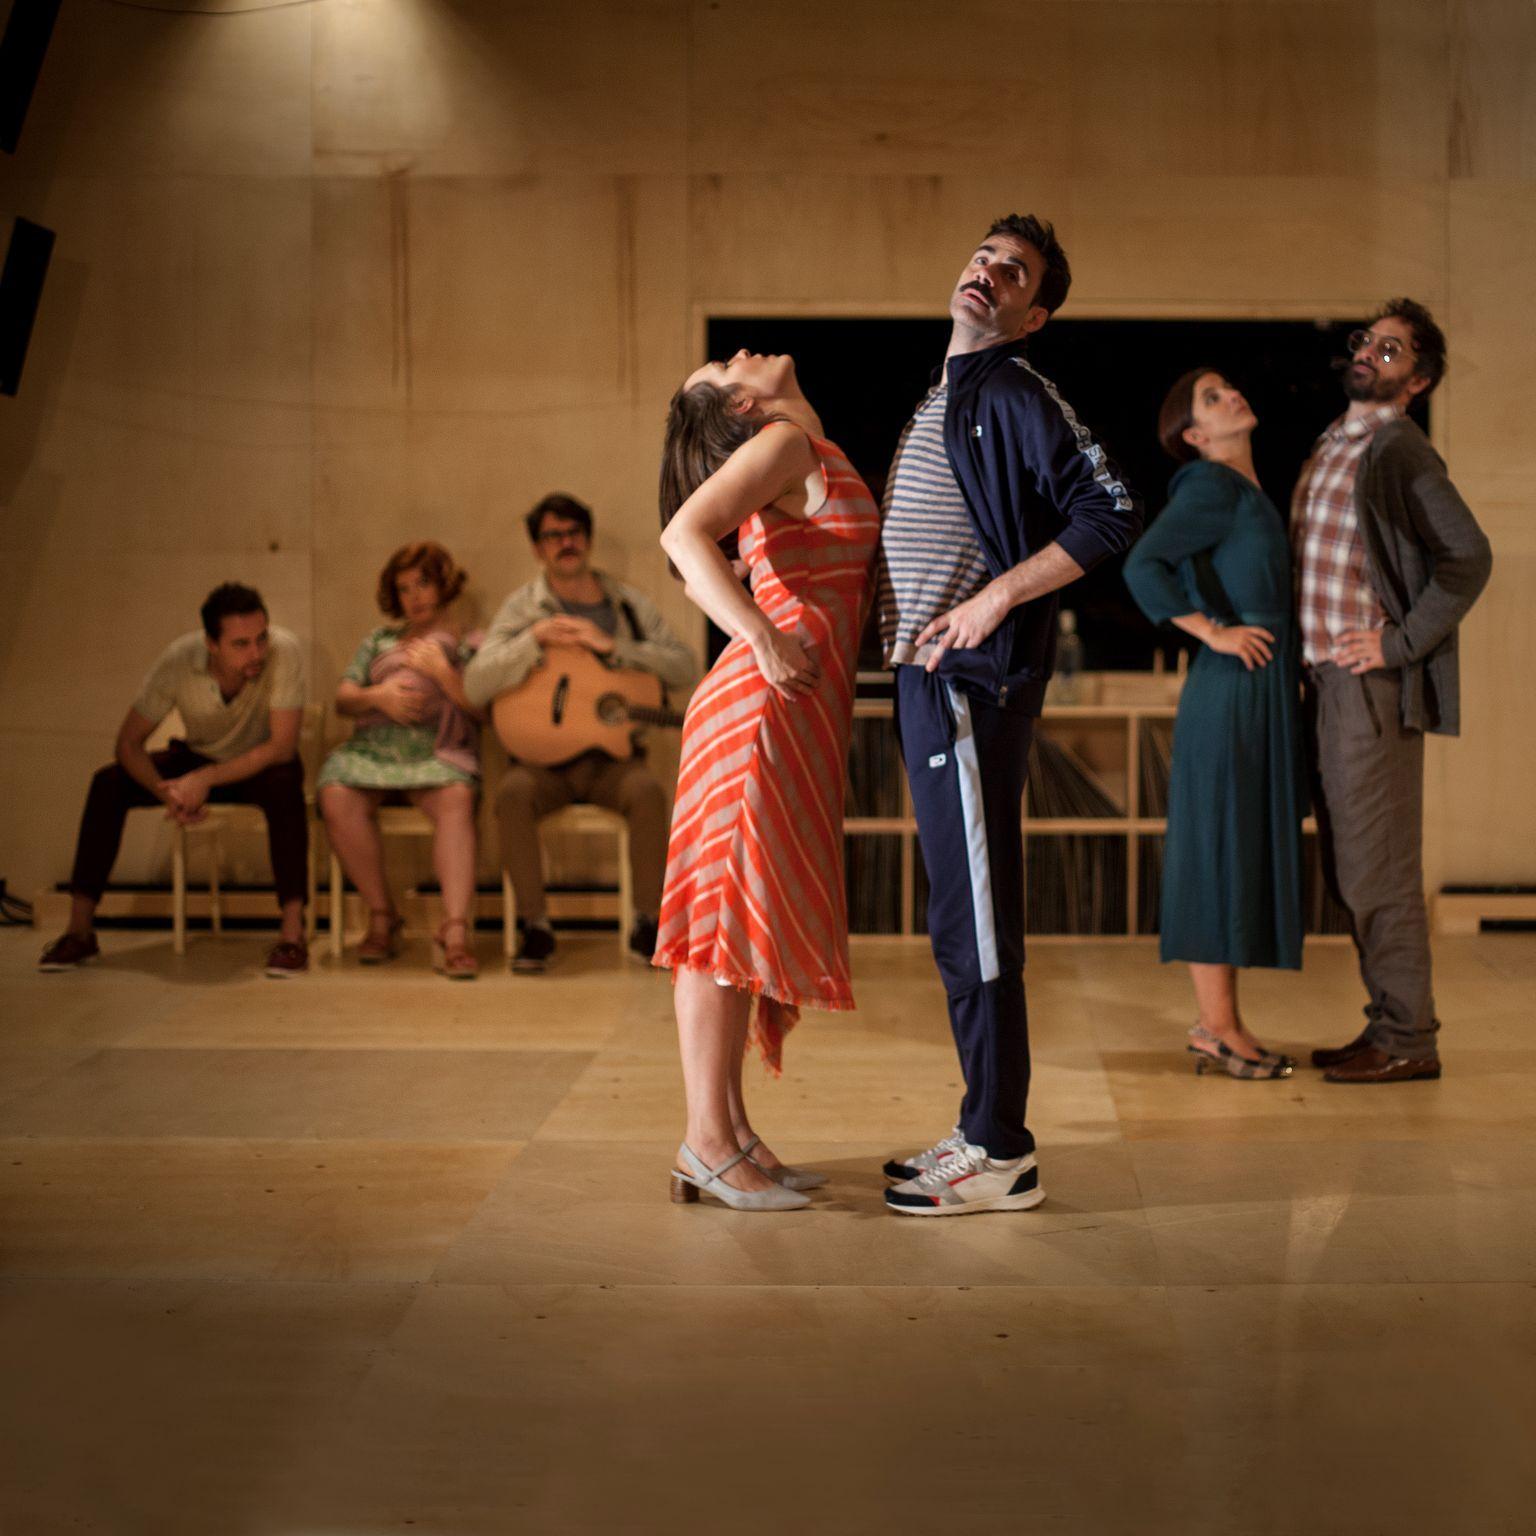 El teatro Alhambra presenta la obra 'Las canciones', producida por El Pavón Teatro Kamikace